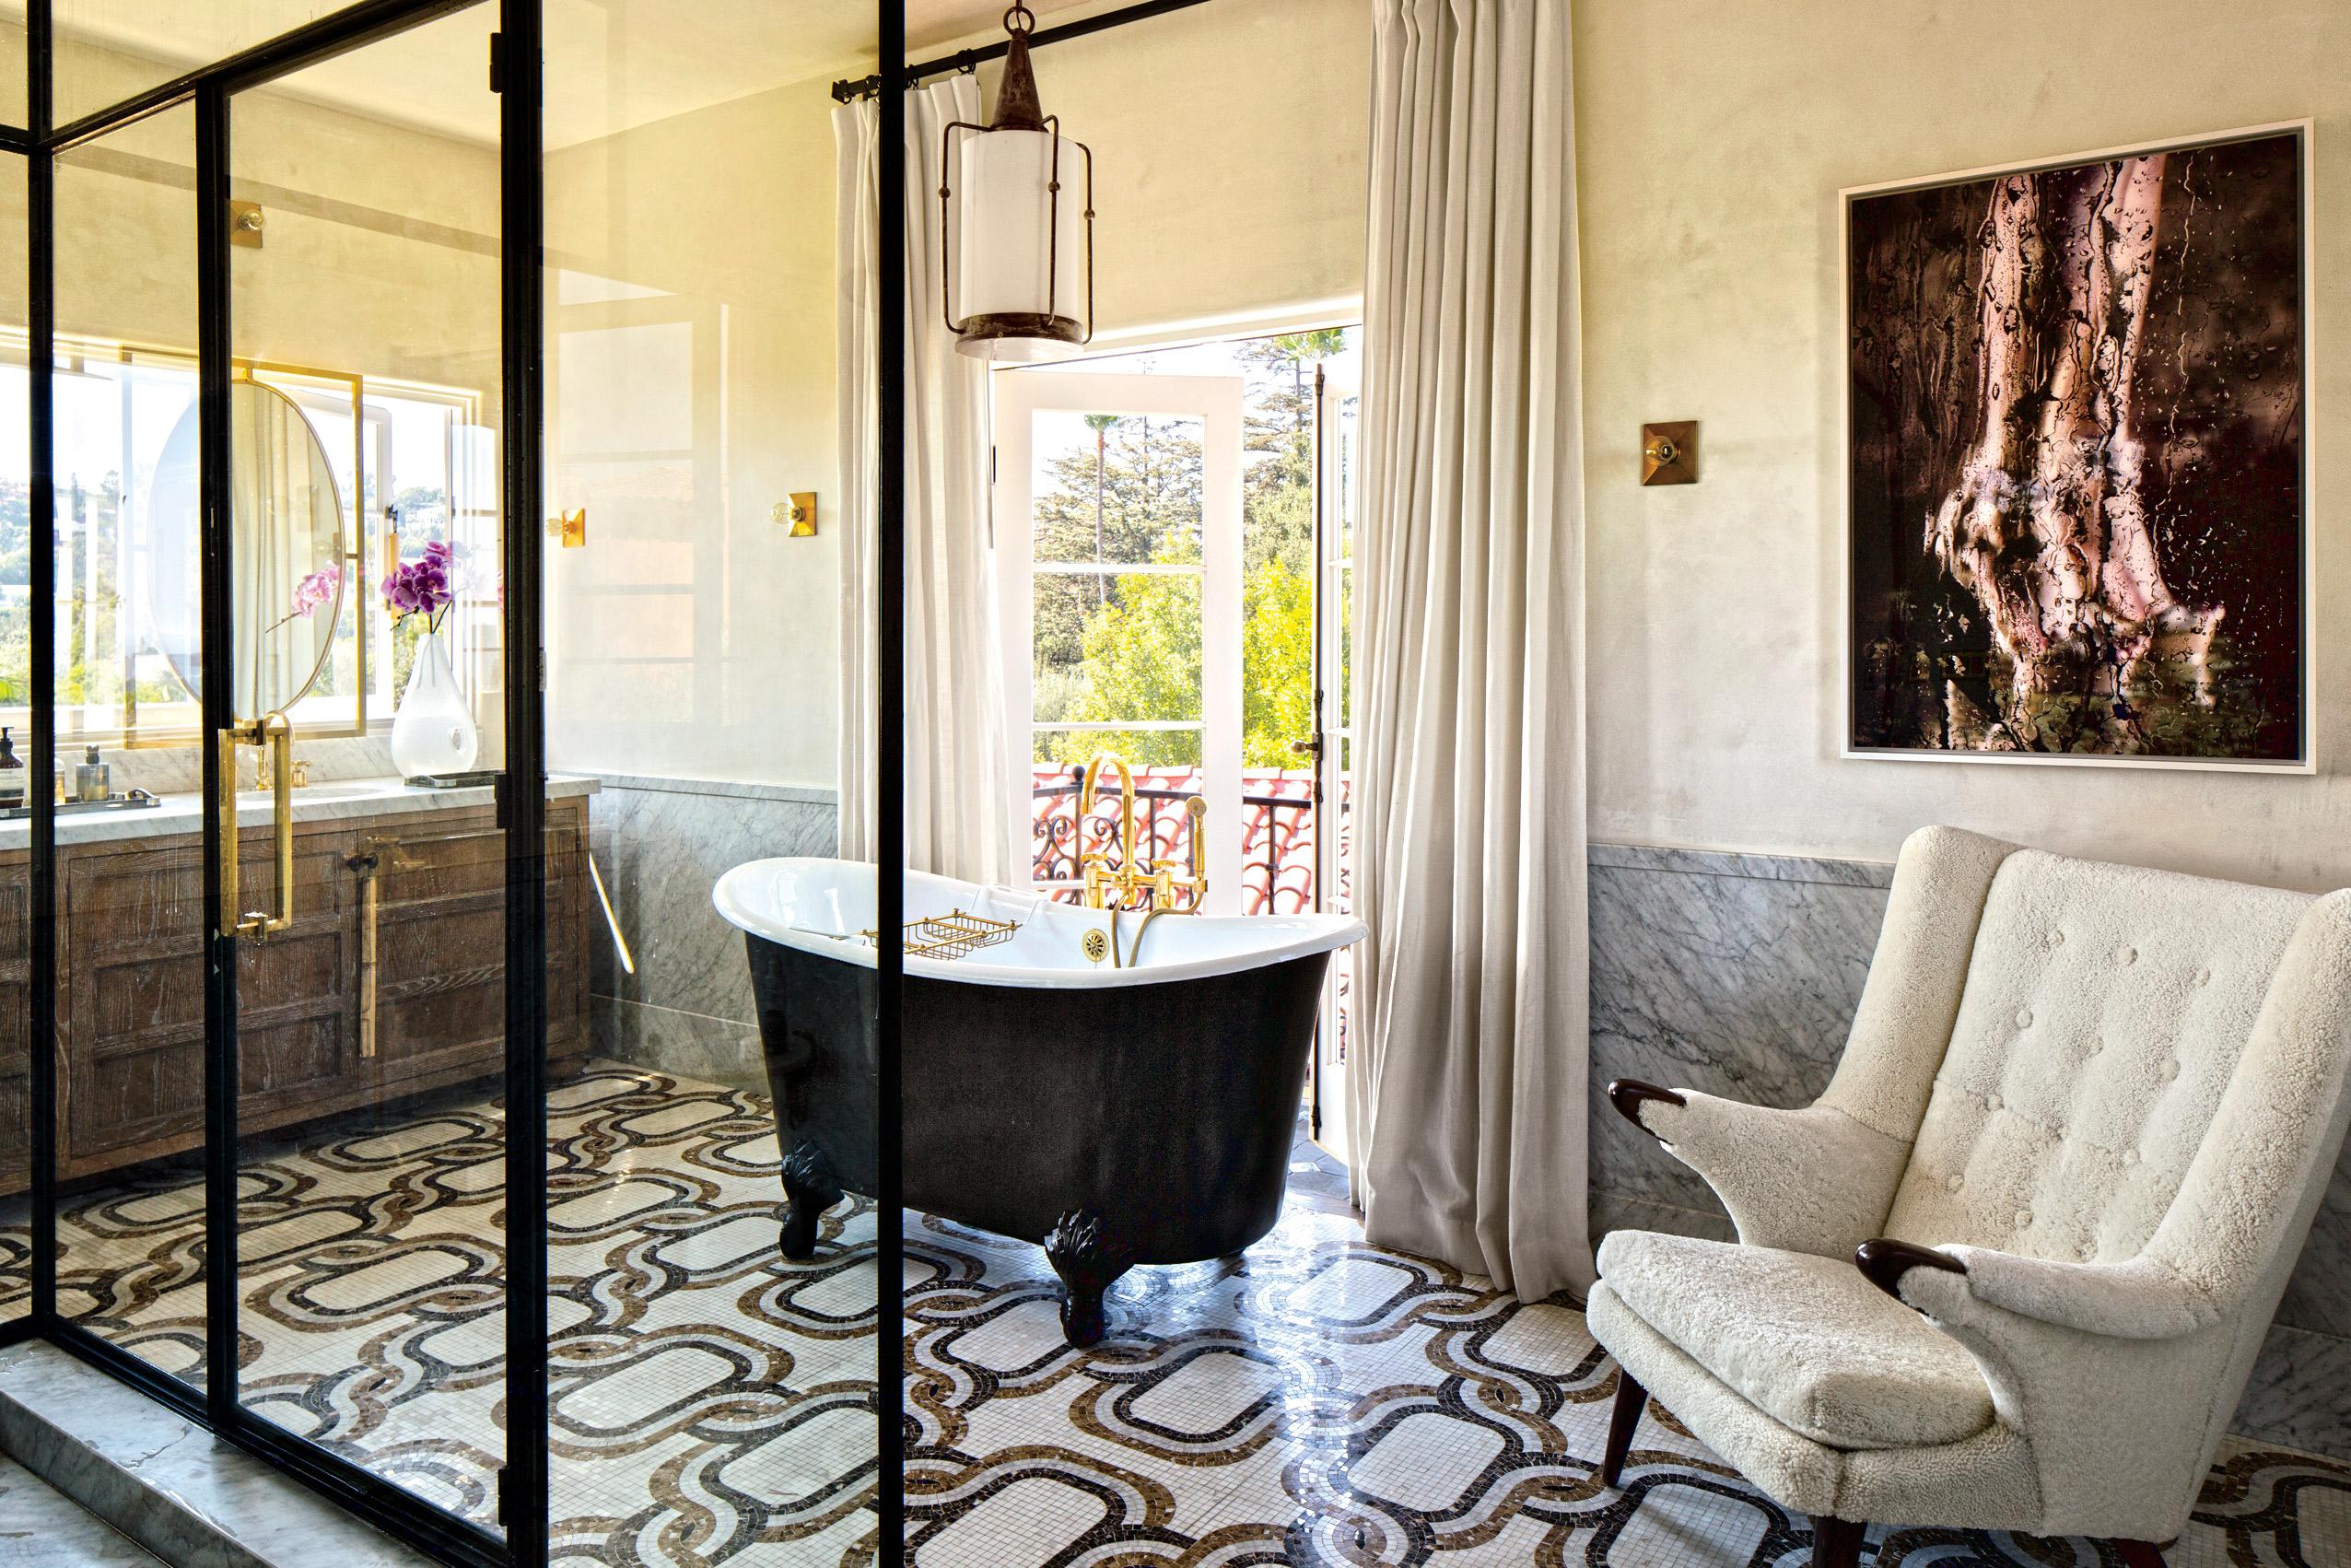 modern-bathroom-martyn-lawrence-bullard-design-los-angeles-ca-201411-3.jpg